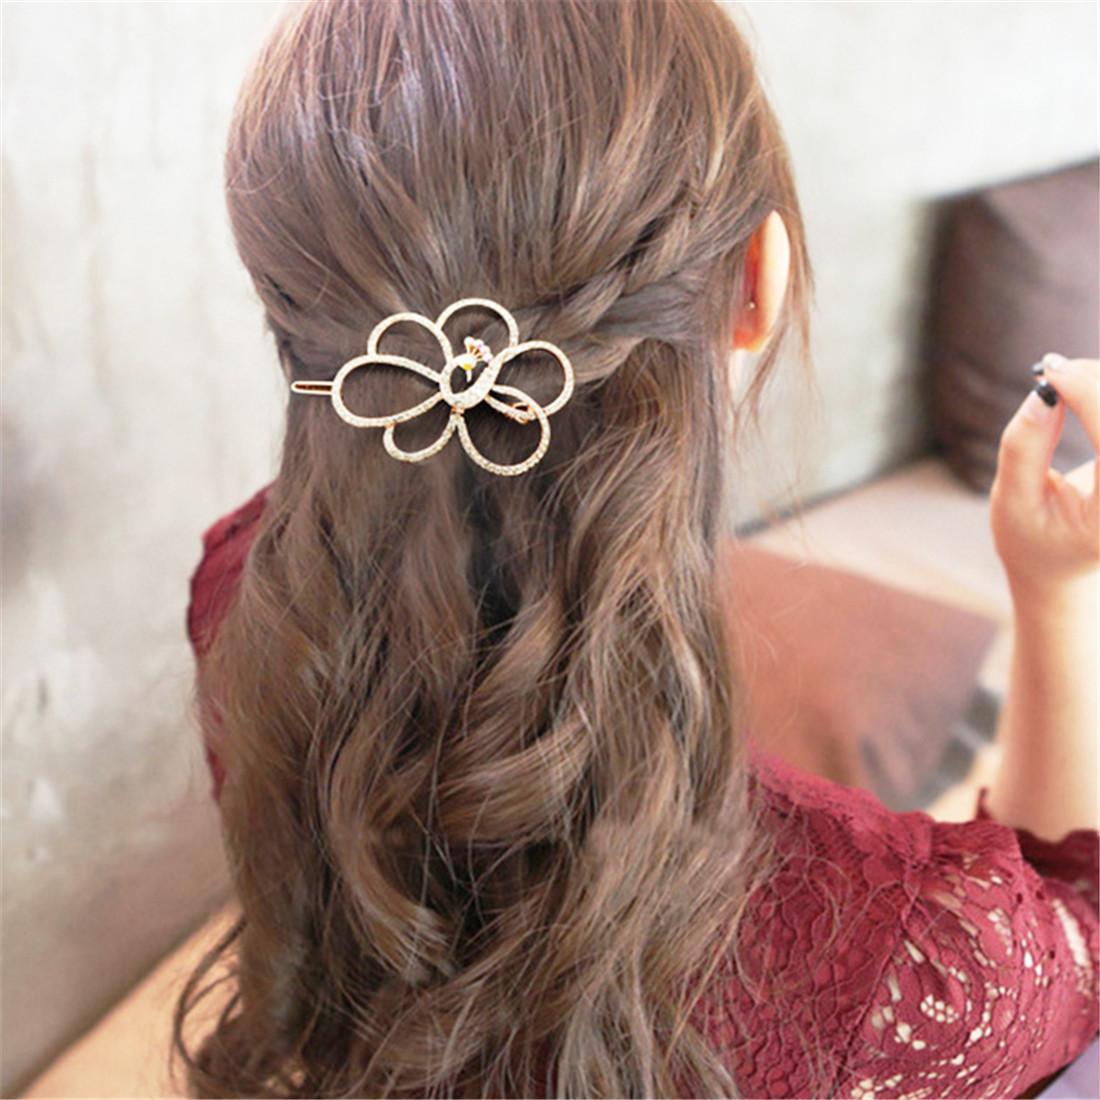 Neue koreanische populäre kopf mode hochwertige diamant eingelegter pfau haarnadel